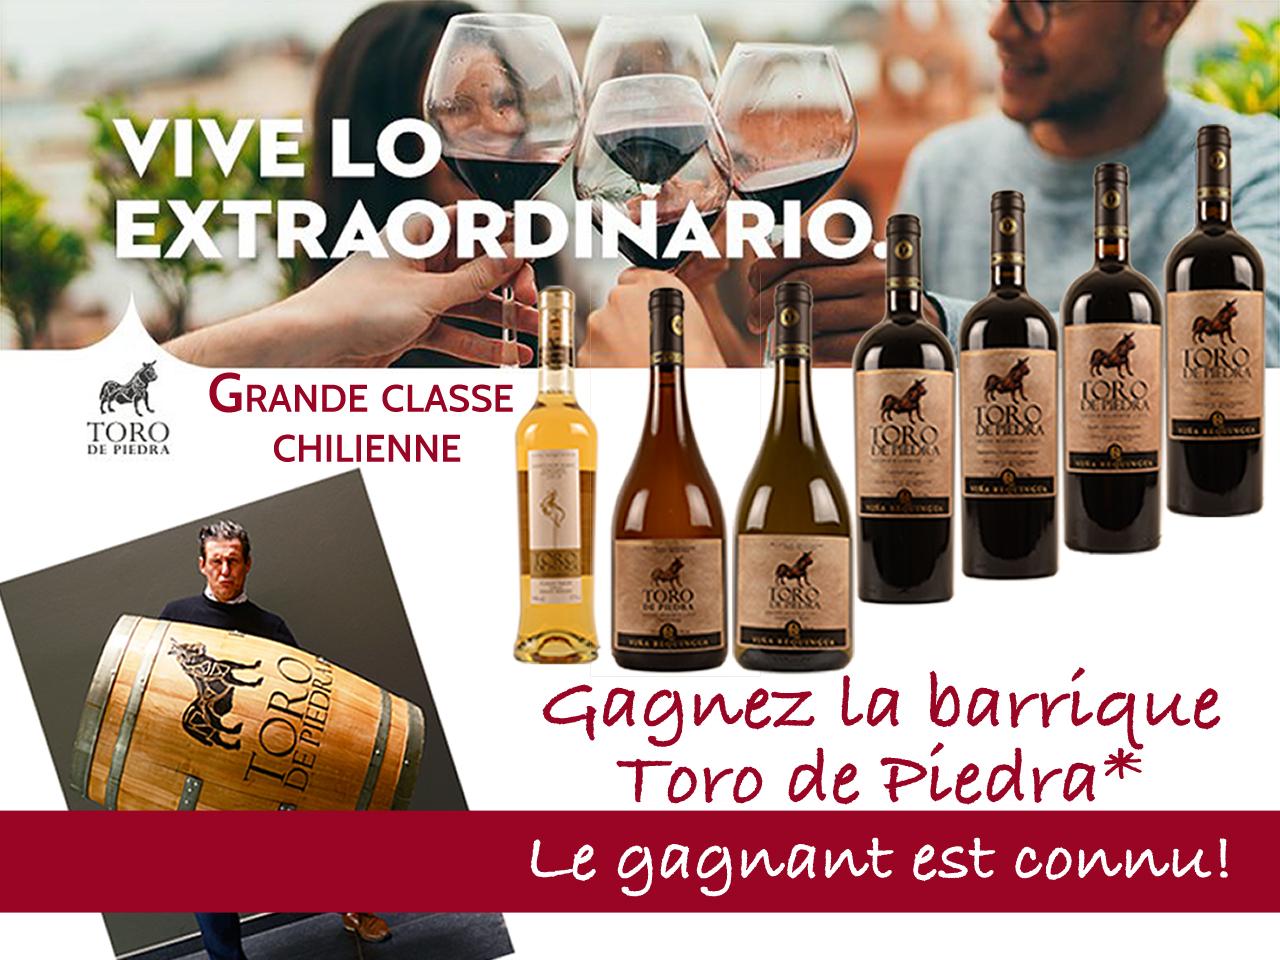 Toro de piedra promo 5+1 offerte gratuite vins Chile